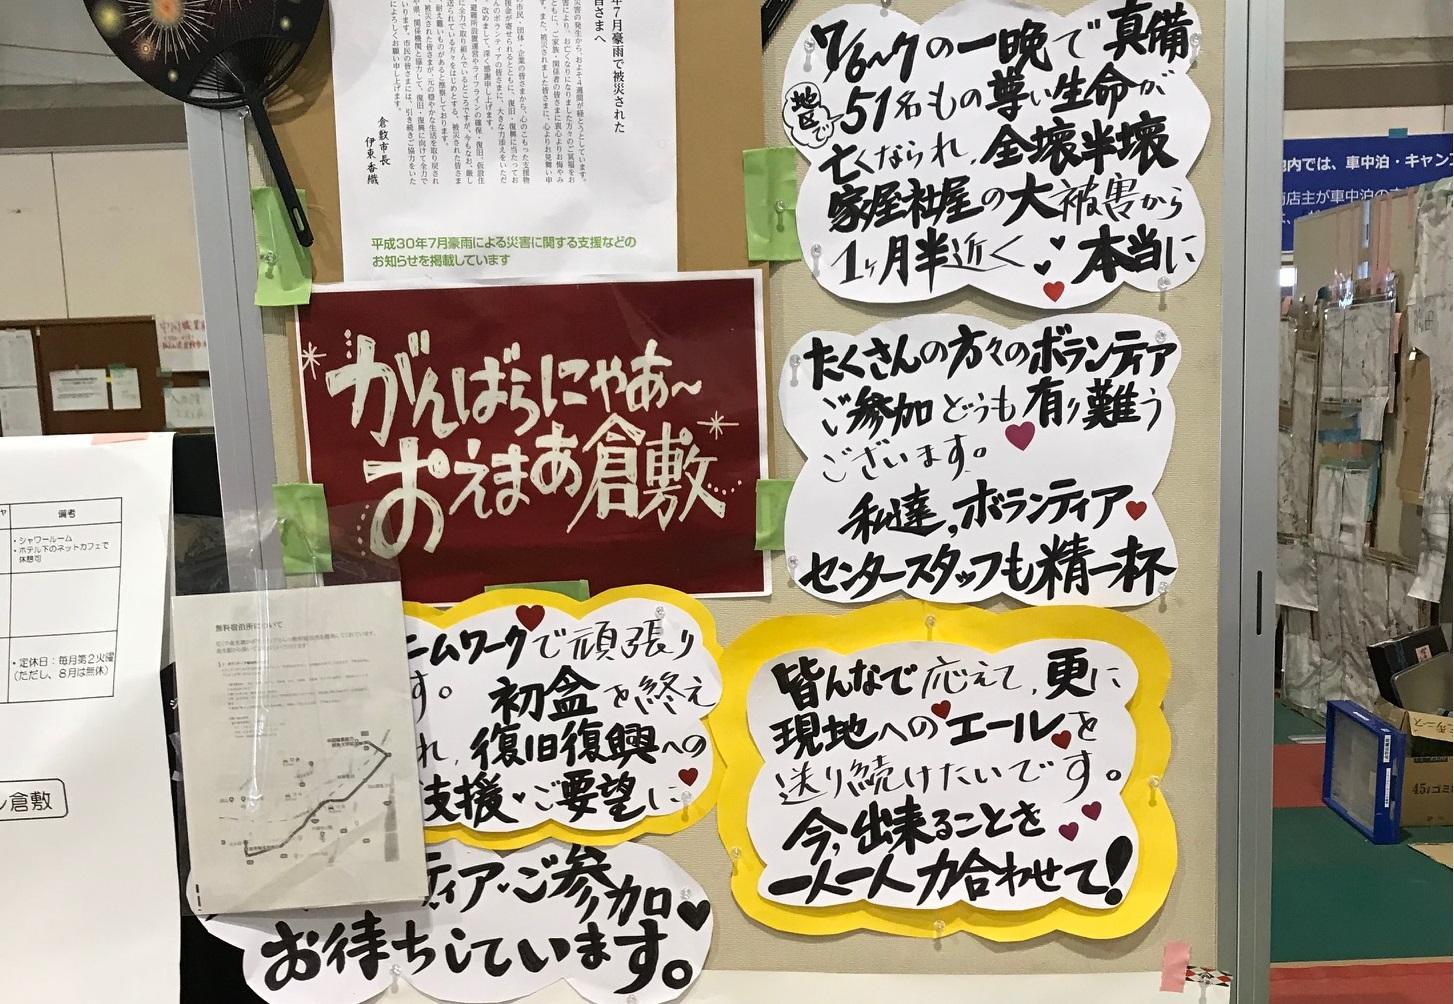 ボランティアセンターに掲示されたメッセージ